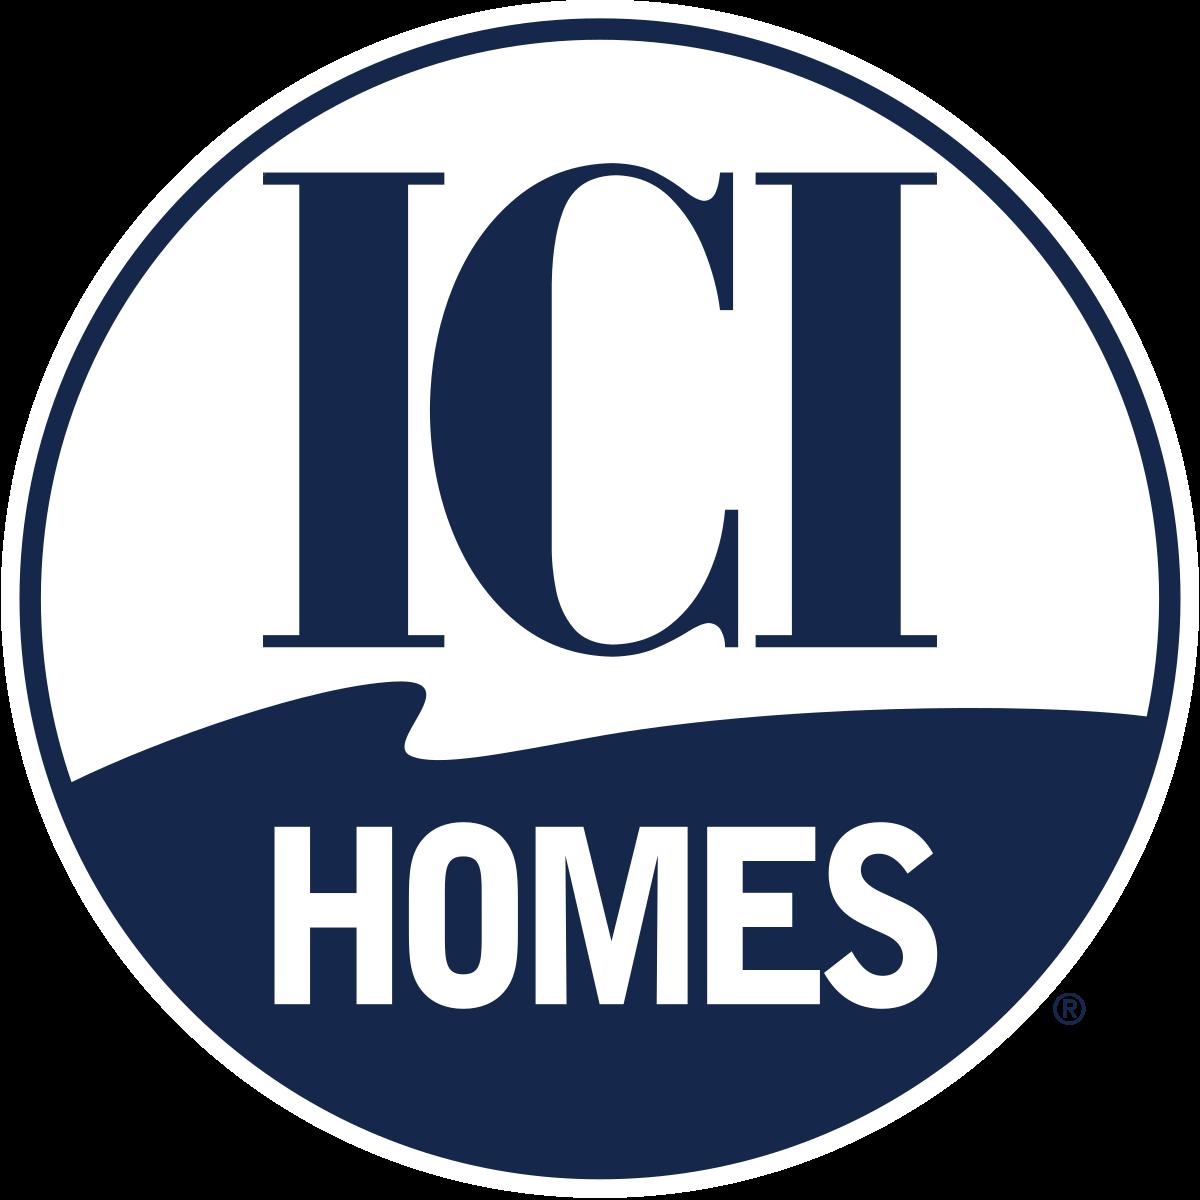 ICIhomes.png